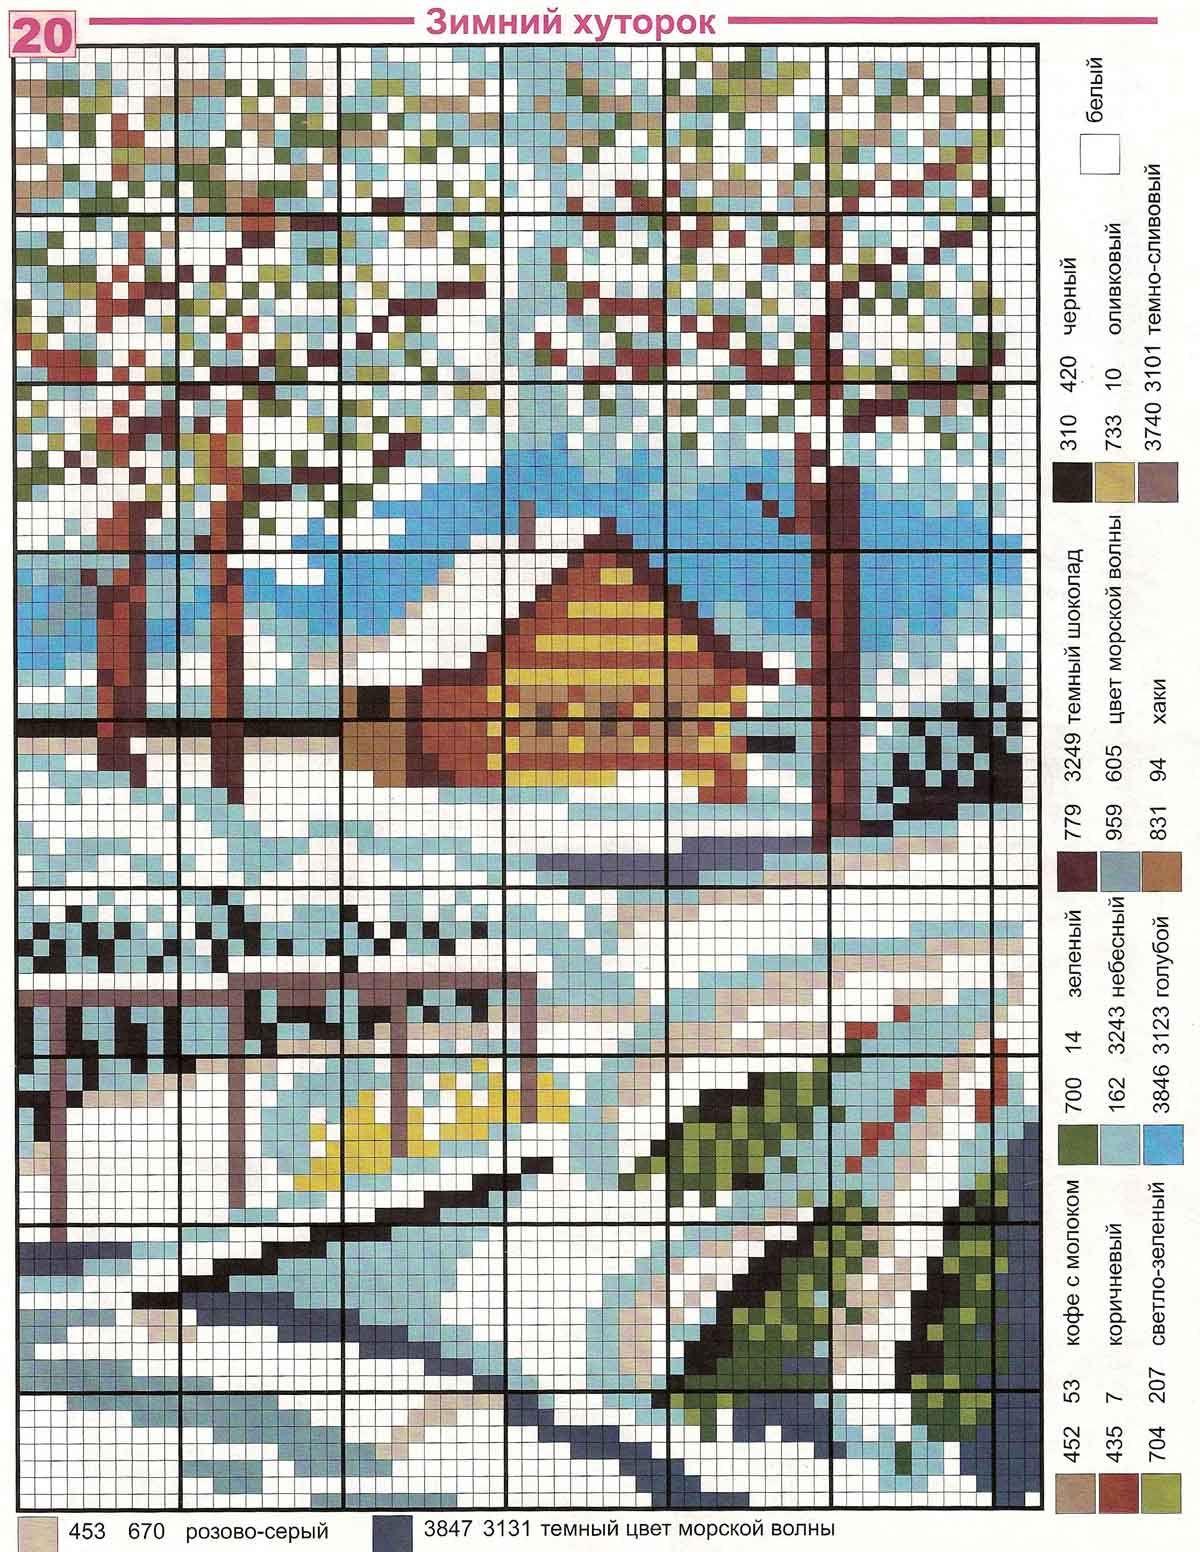 Схема вышивки крестиком пейзажа бесплатно